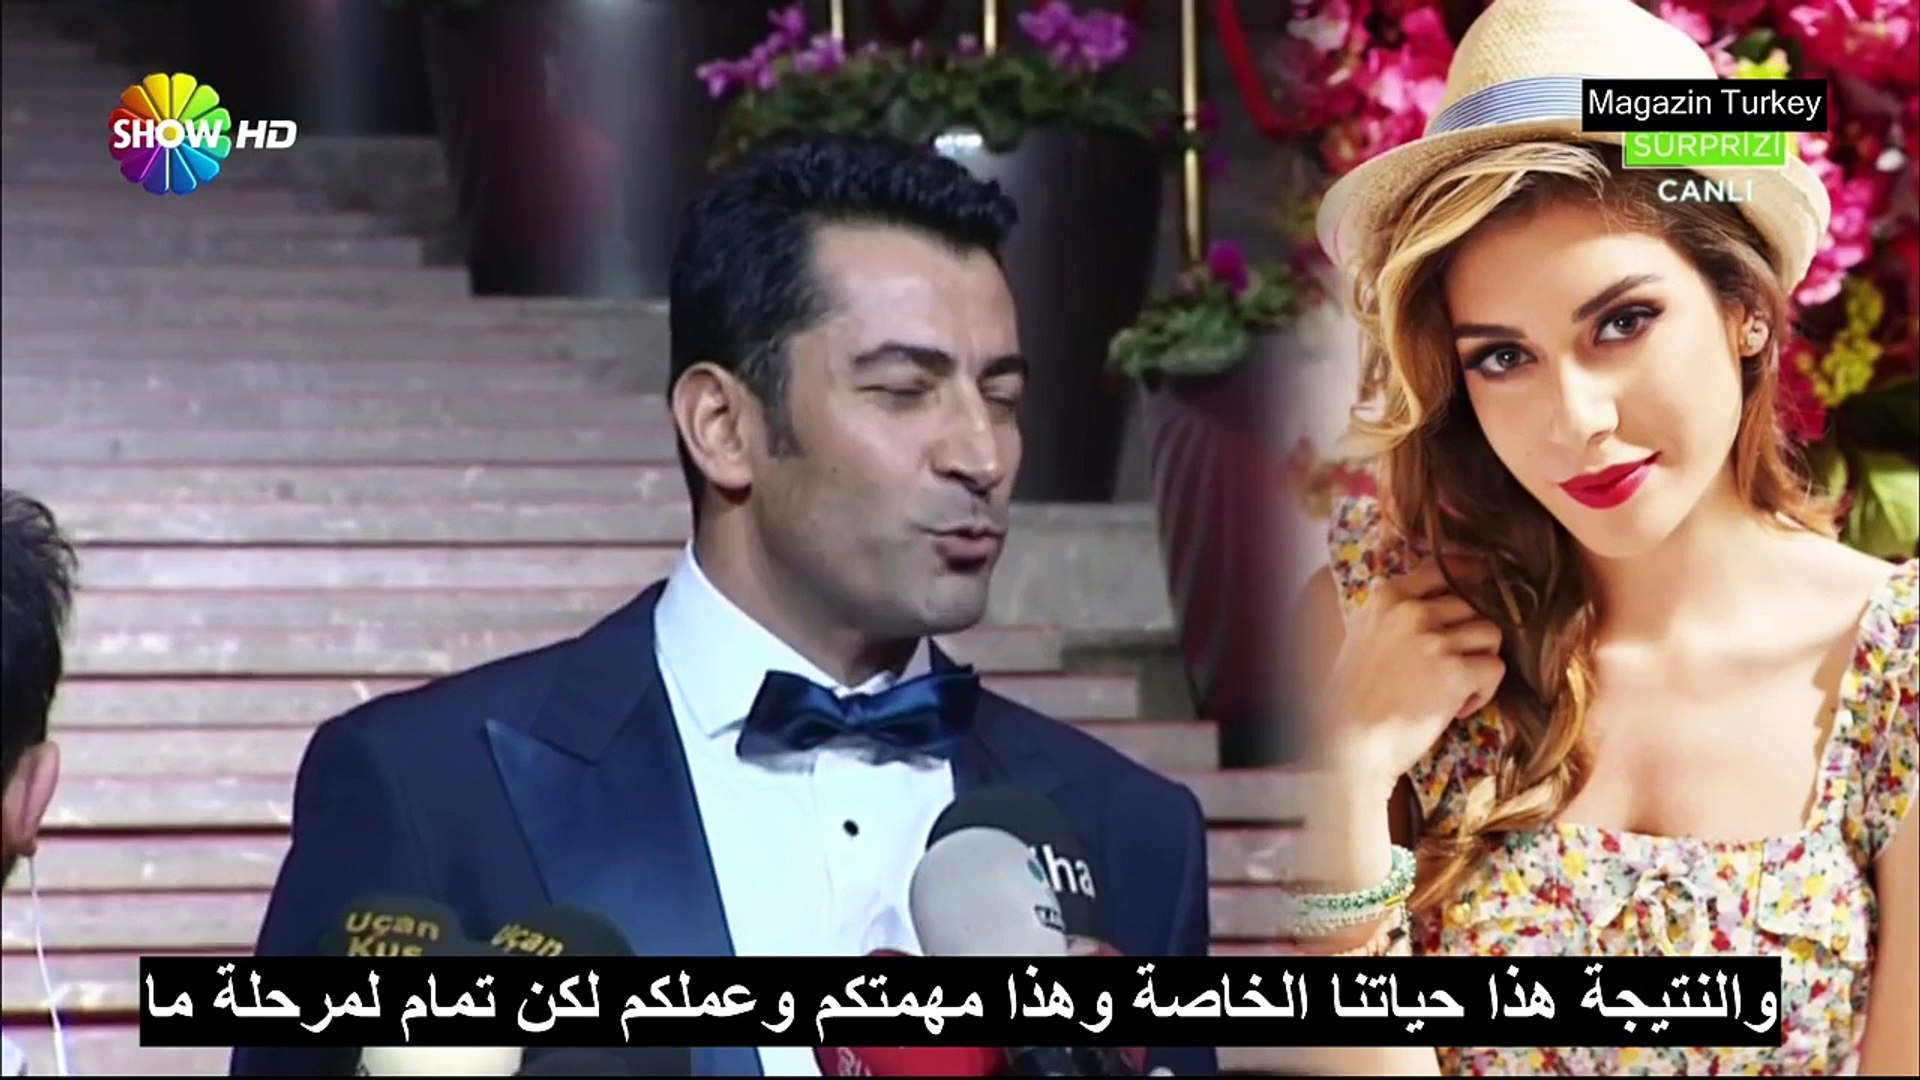 تقرير عن حفل الفراشة الذهبية 2015 - مترجم للعربية